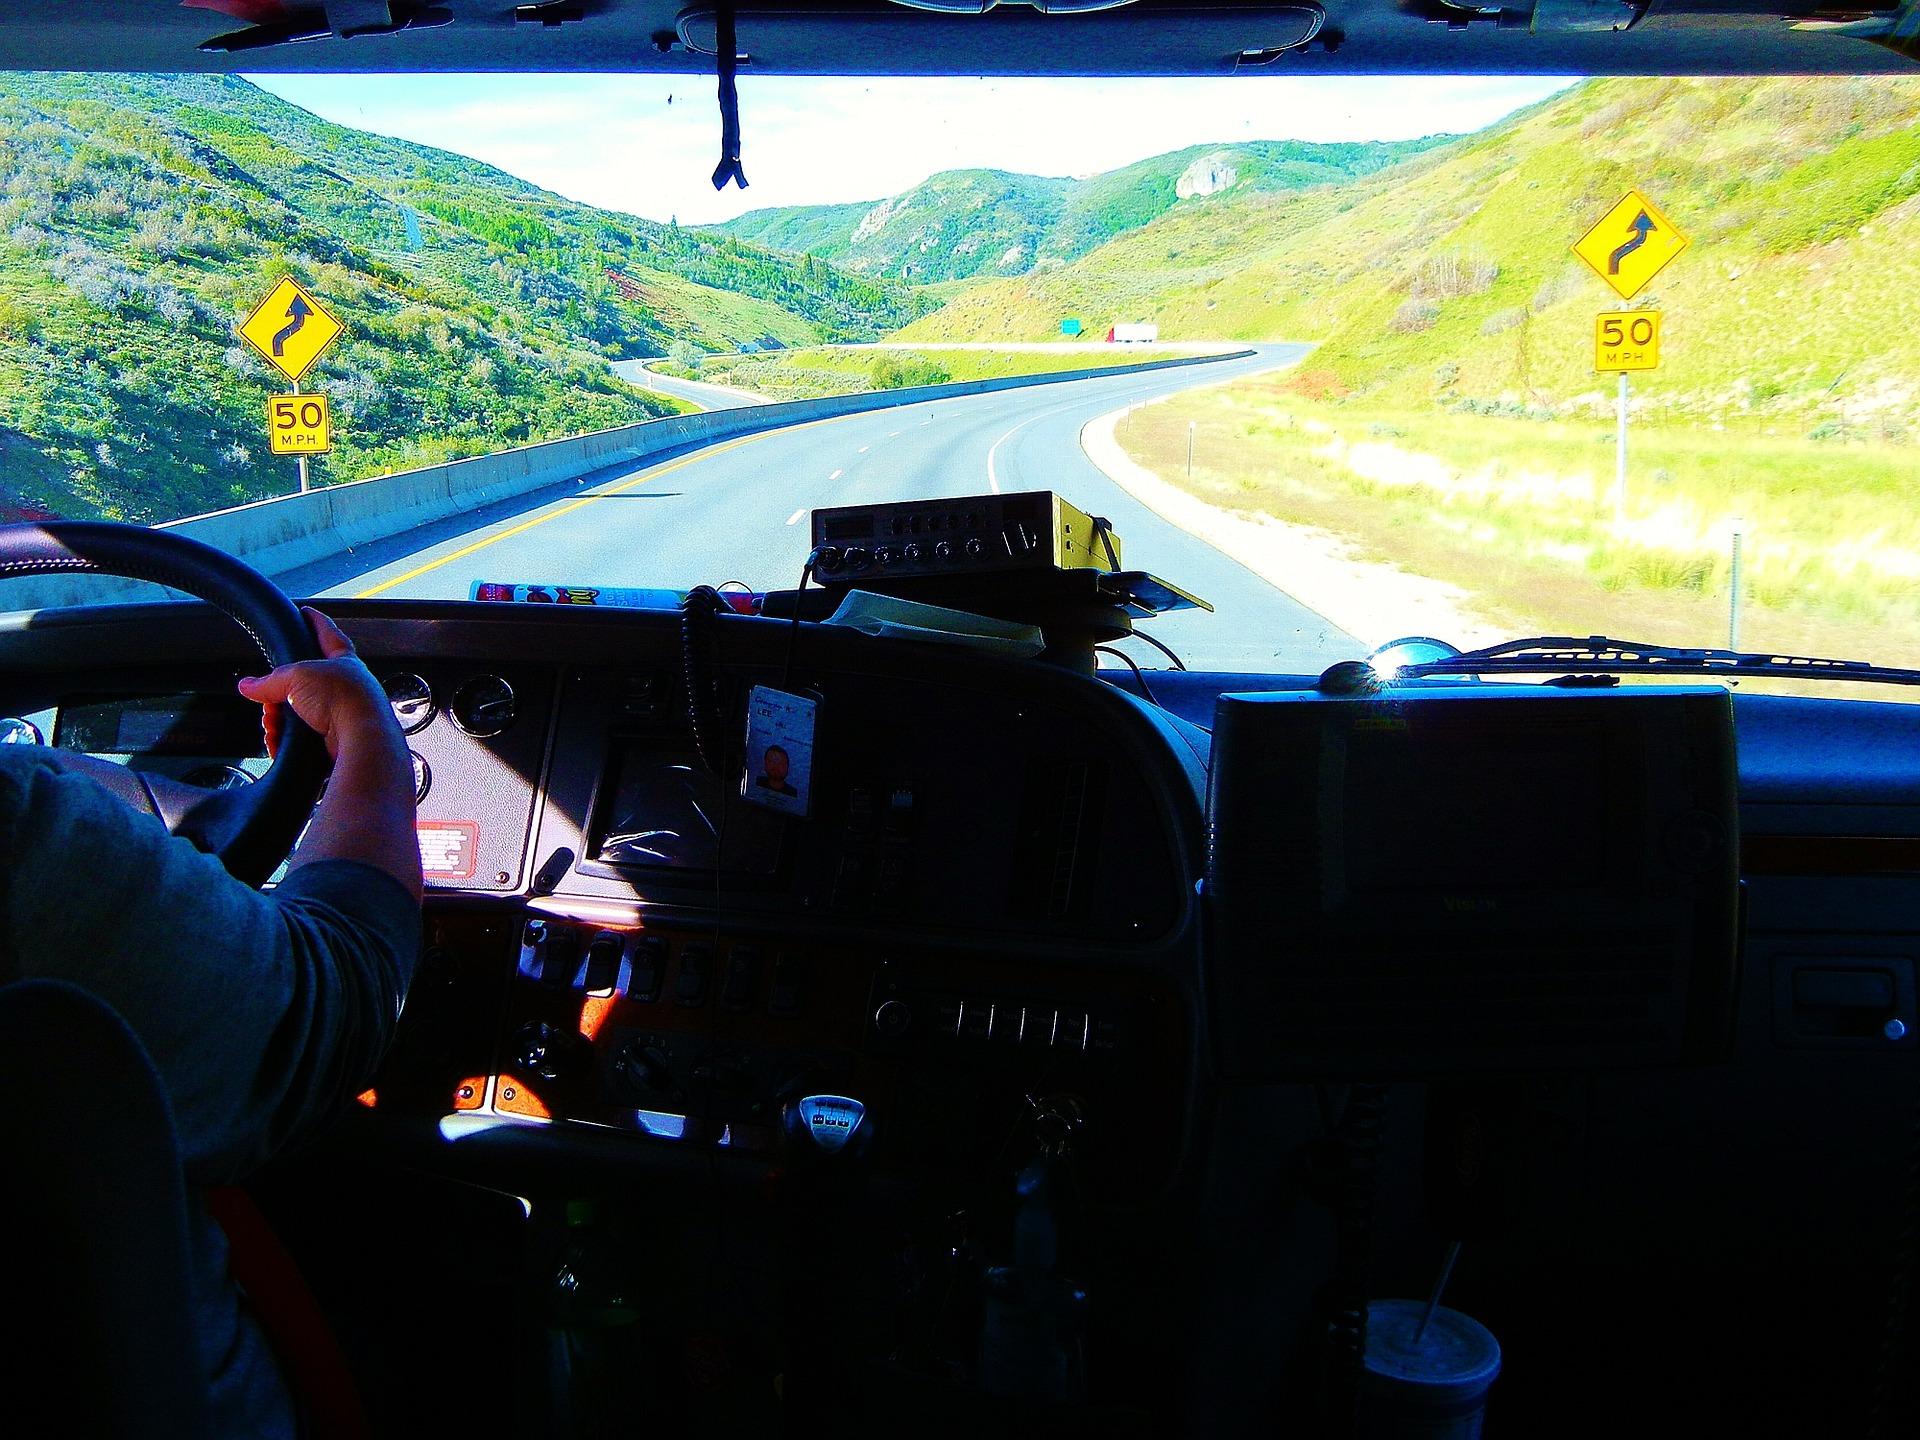 truck-driver-614191_1920.jpg